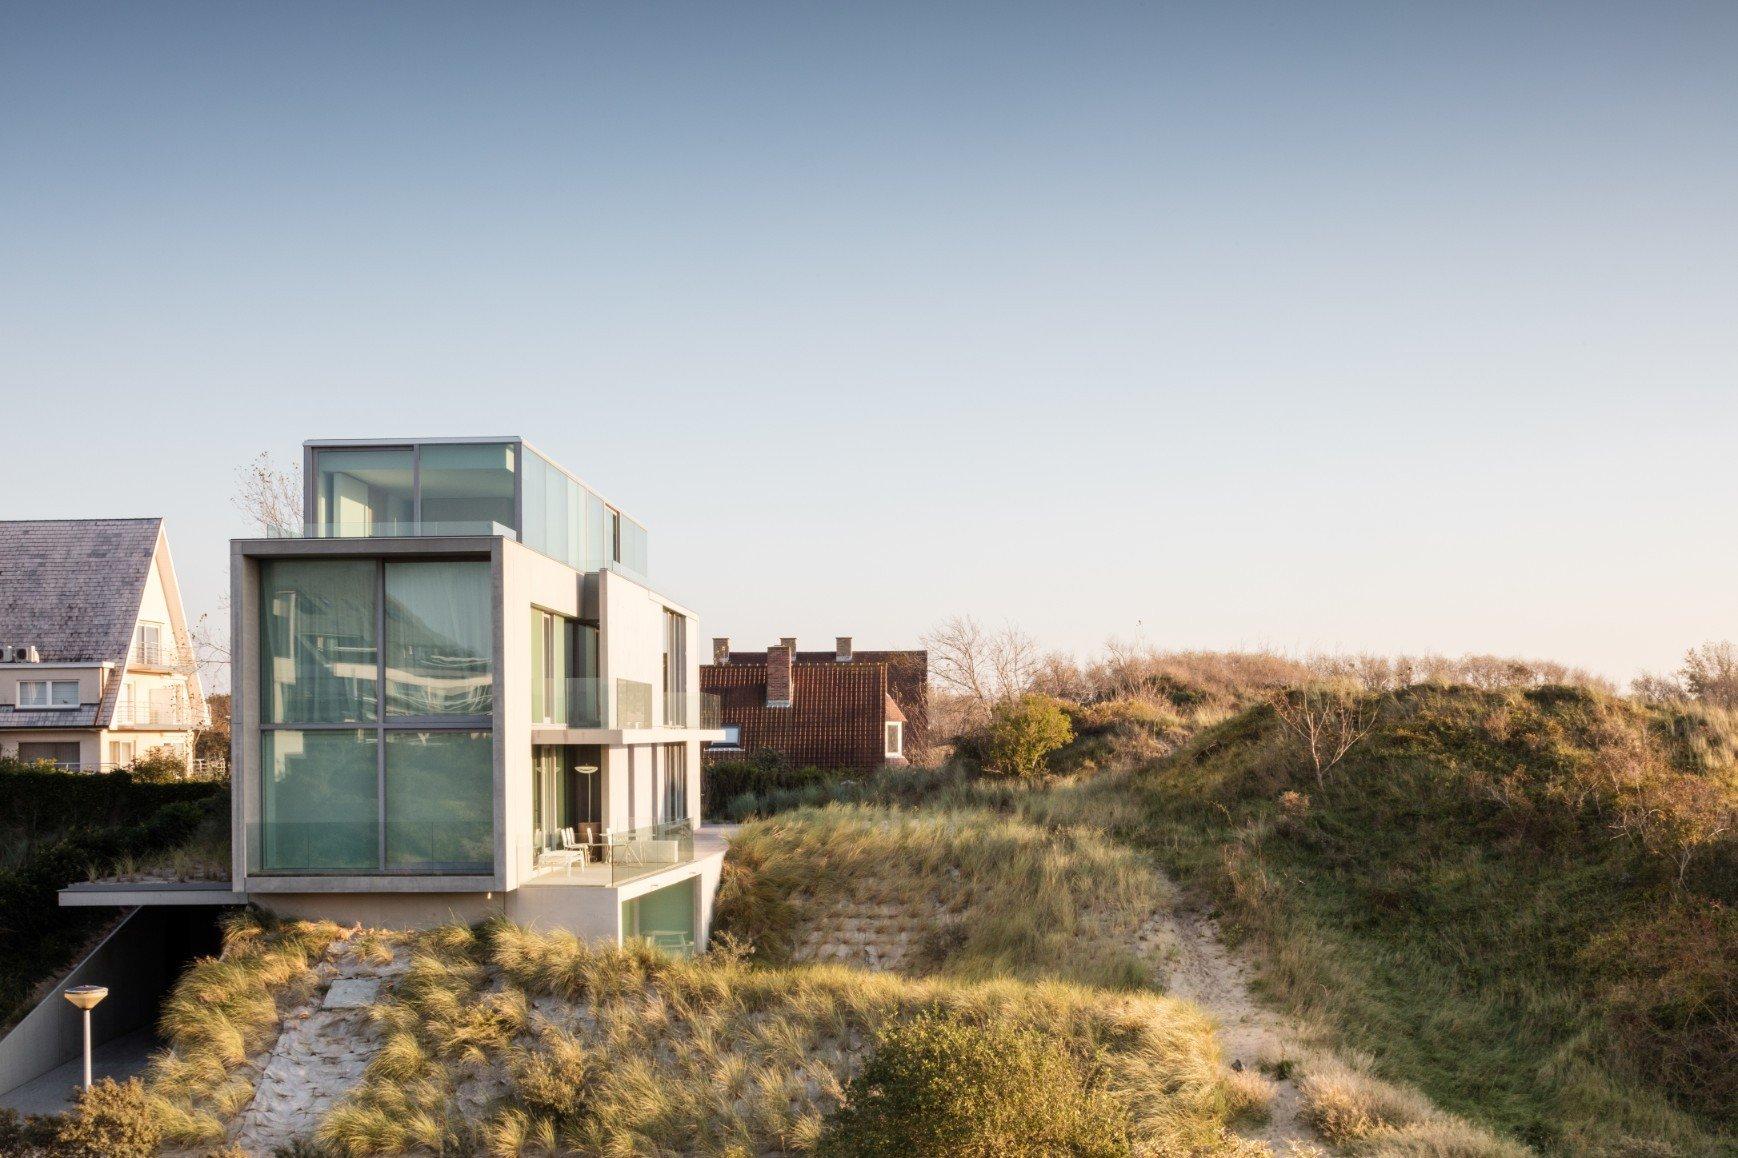 Rietveldprojects-saarinen-appartement-design-architectuur-kust-tvdv10